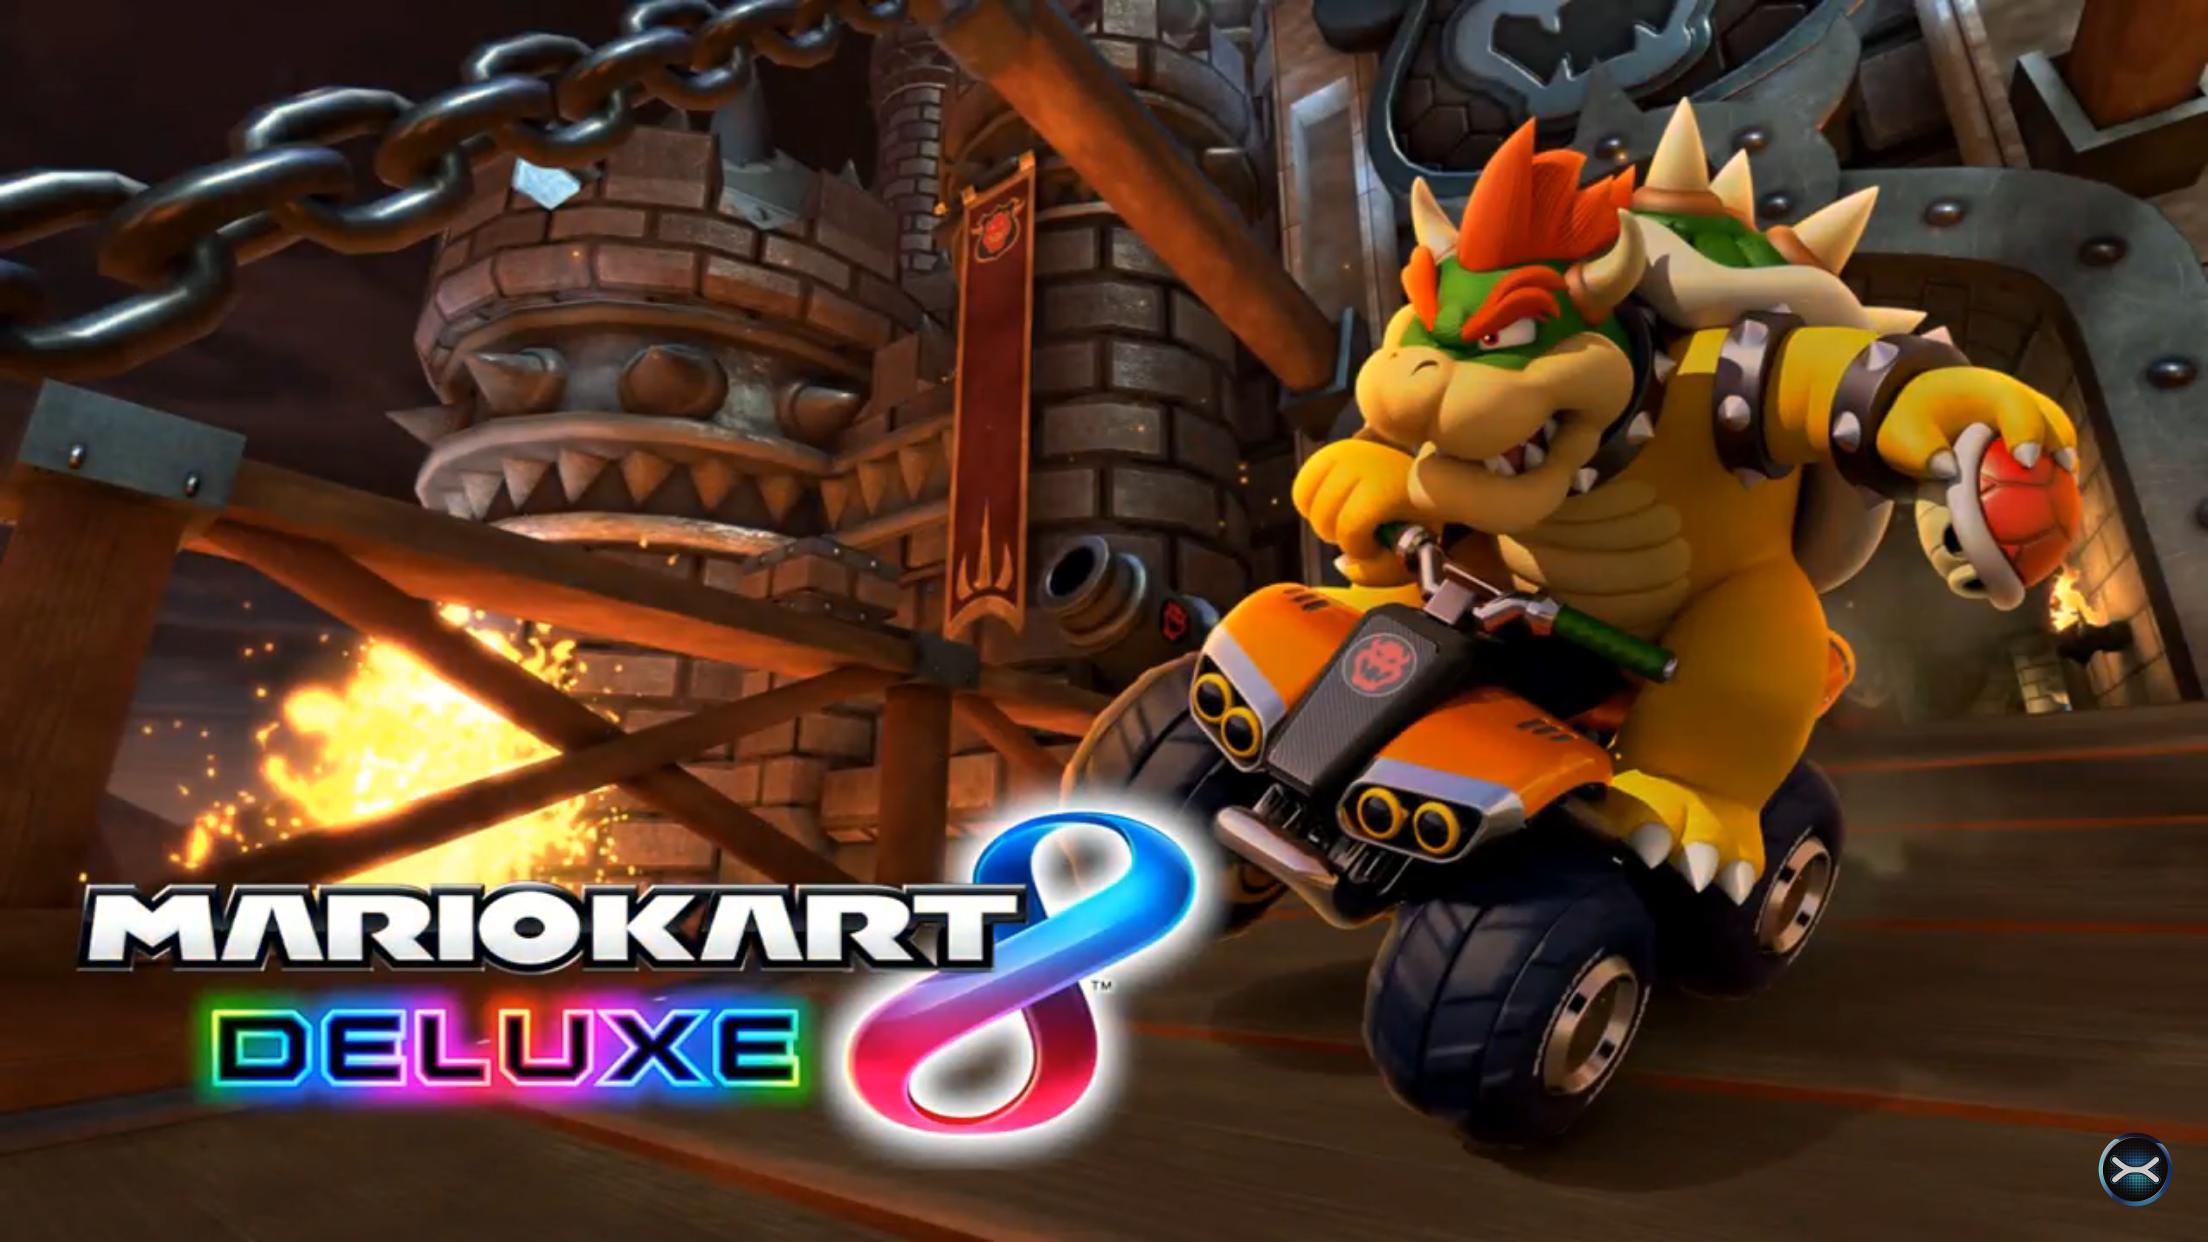 Bowser Mario Kart 8 Deluxe Title Screen Mario Kart Mario Kart 8 Mario